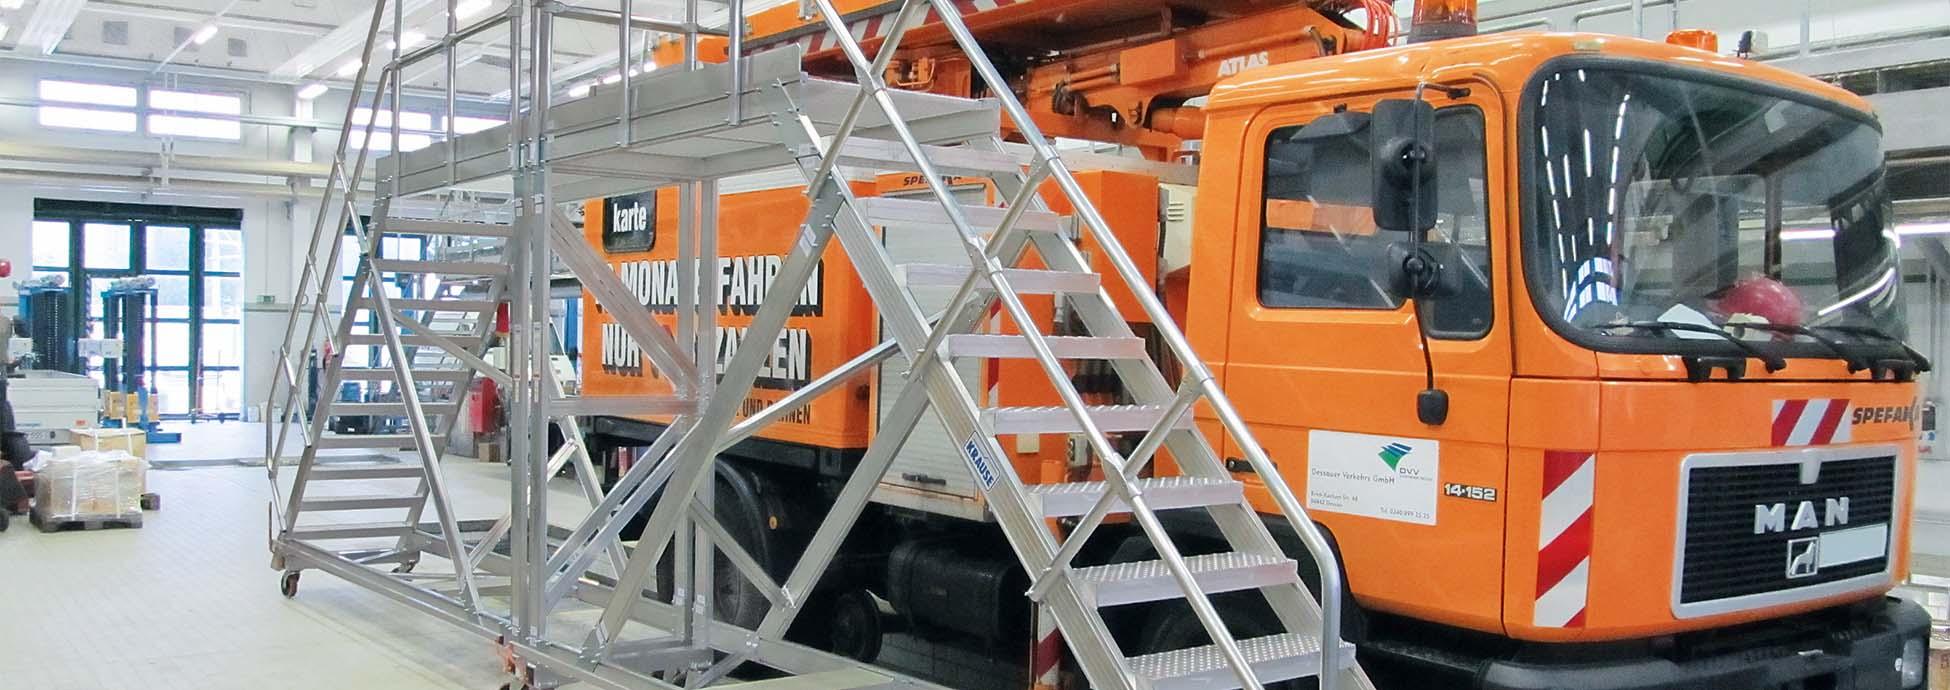 Schody jezdne z platformą jako bezpieczny dostep do stanowisk pracy na wysokości